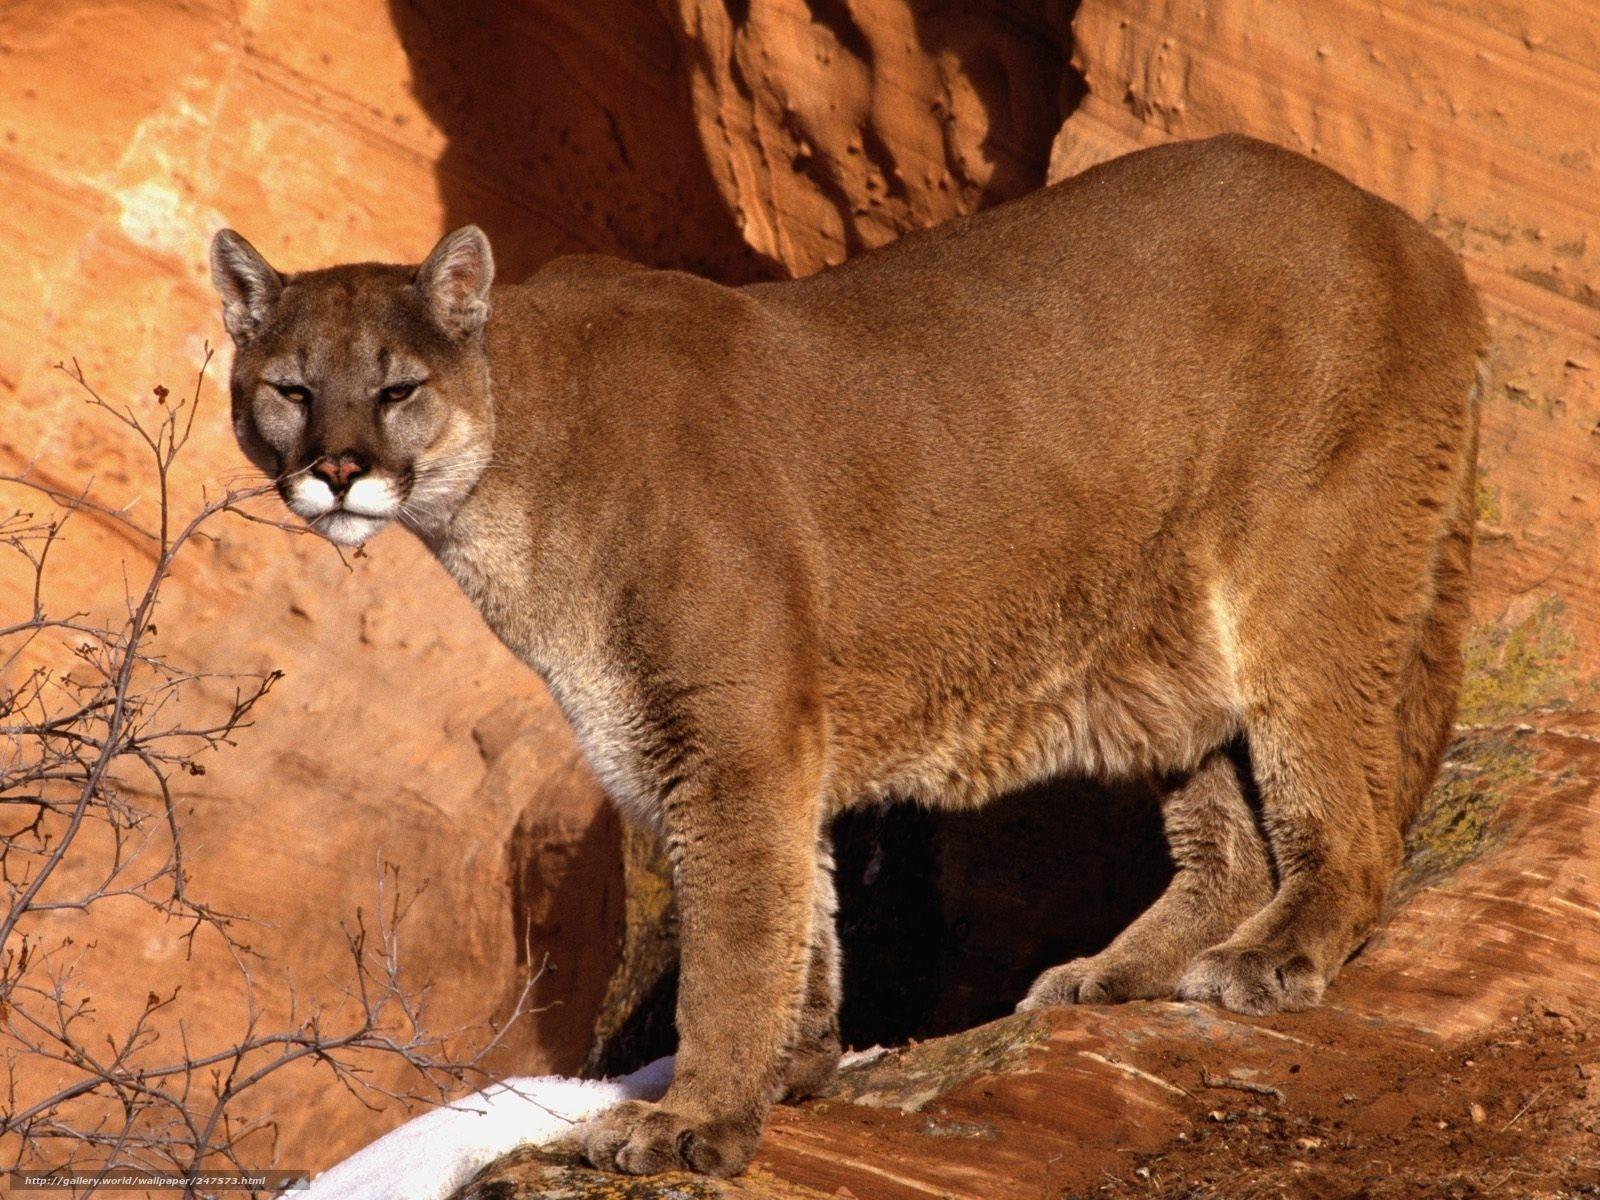 puma animal 41 background - photo #17